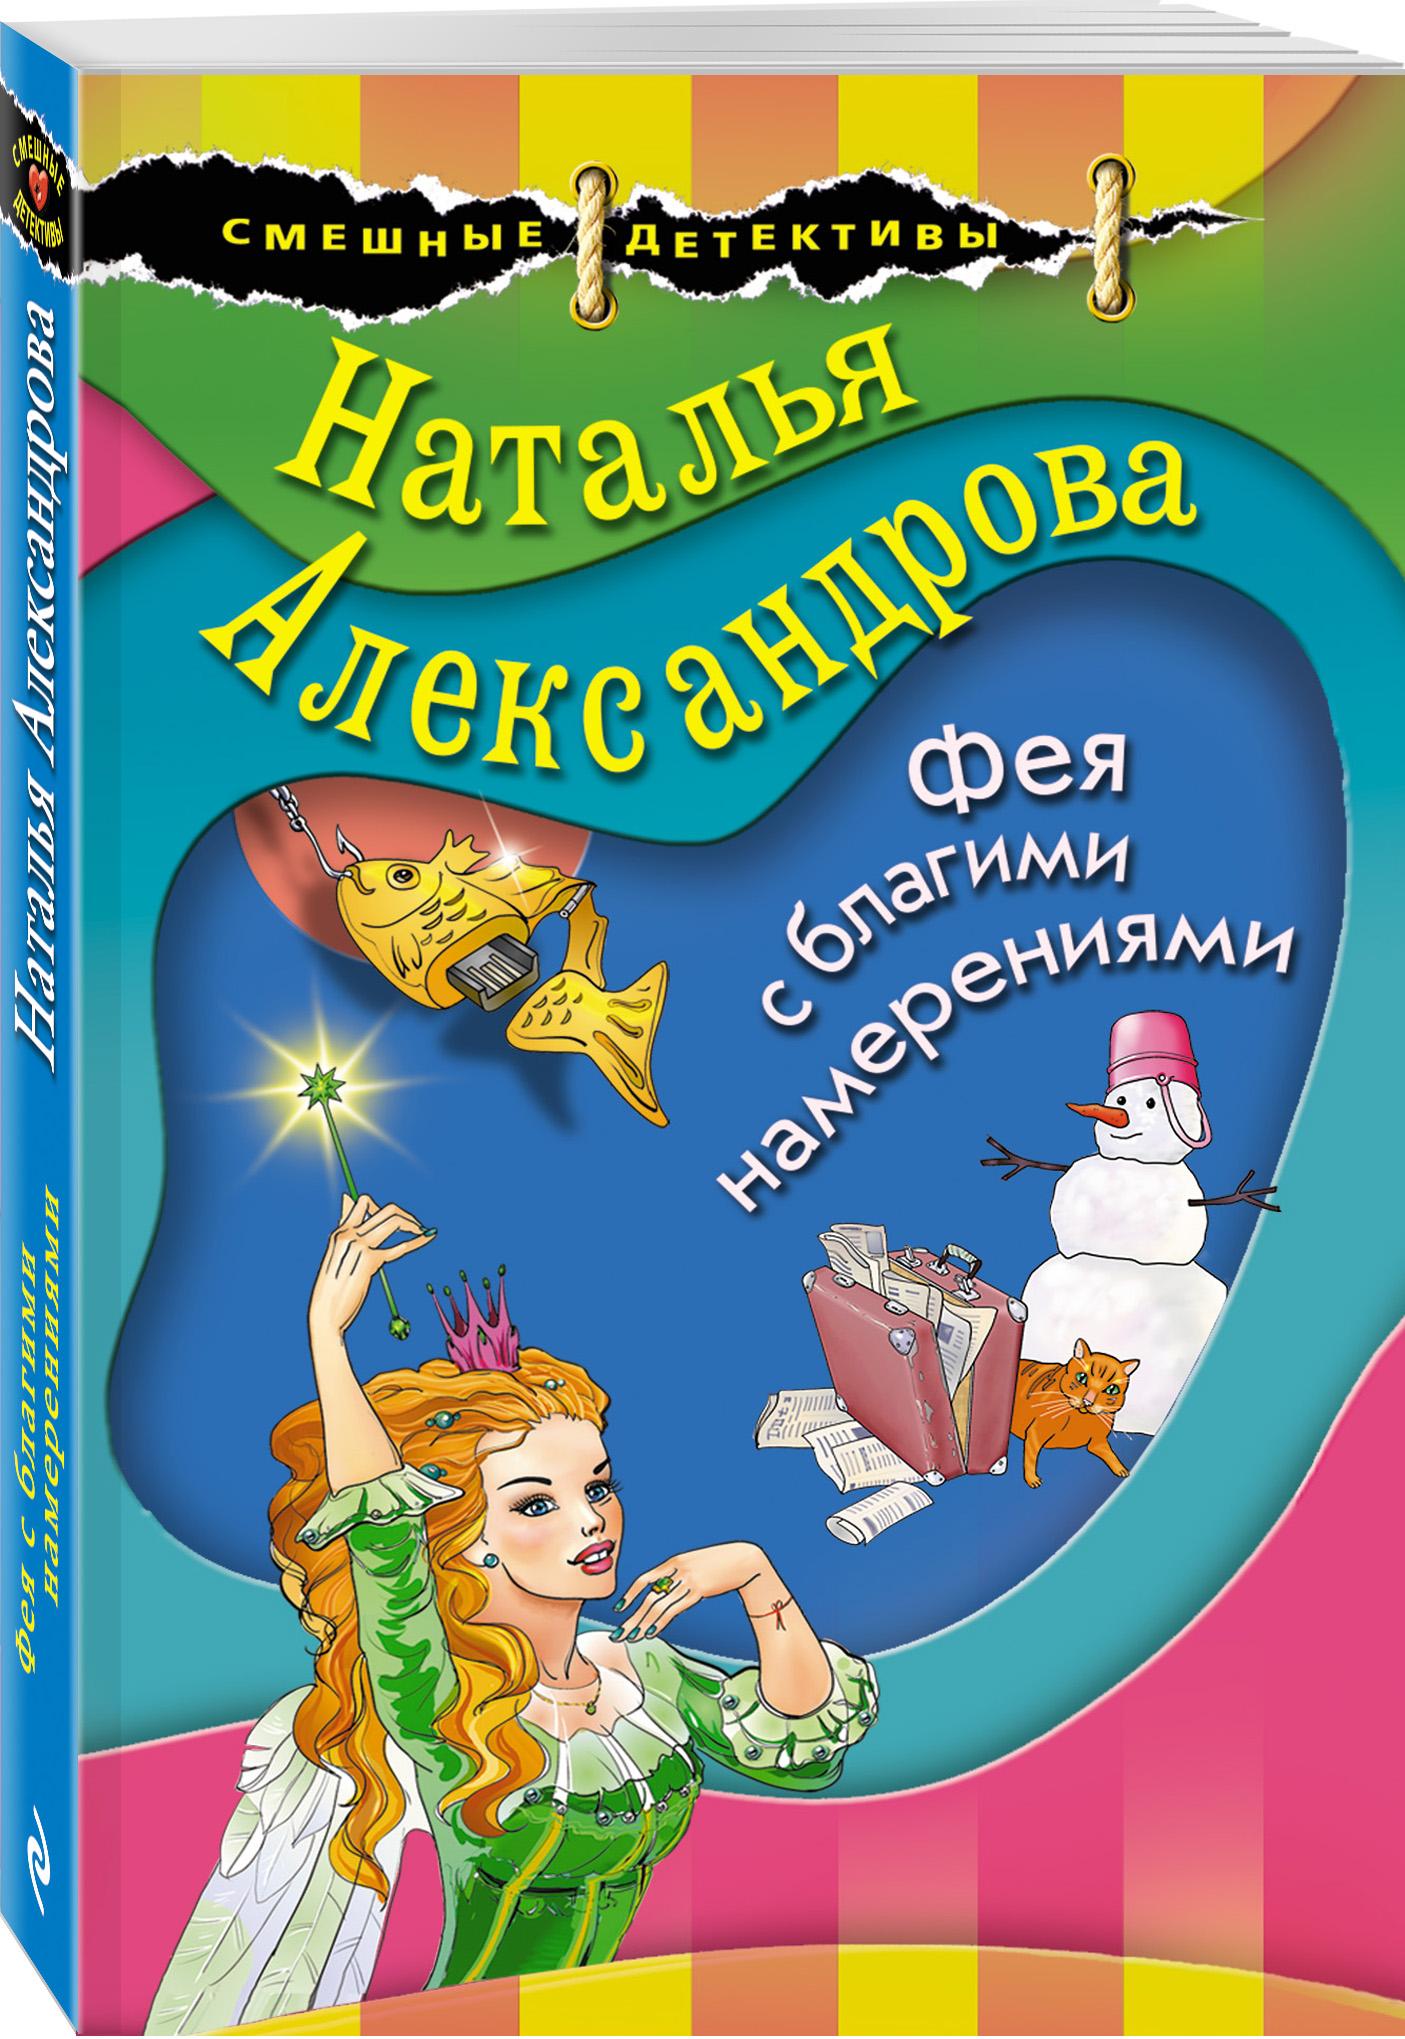 Наталья Александрова Фея с благими намерениями